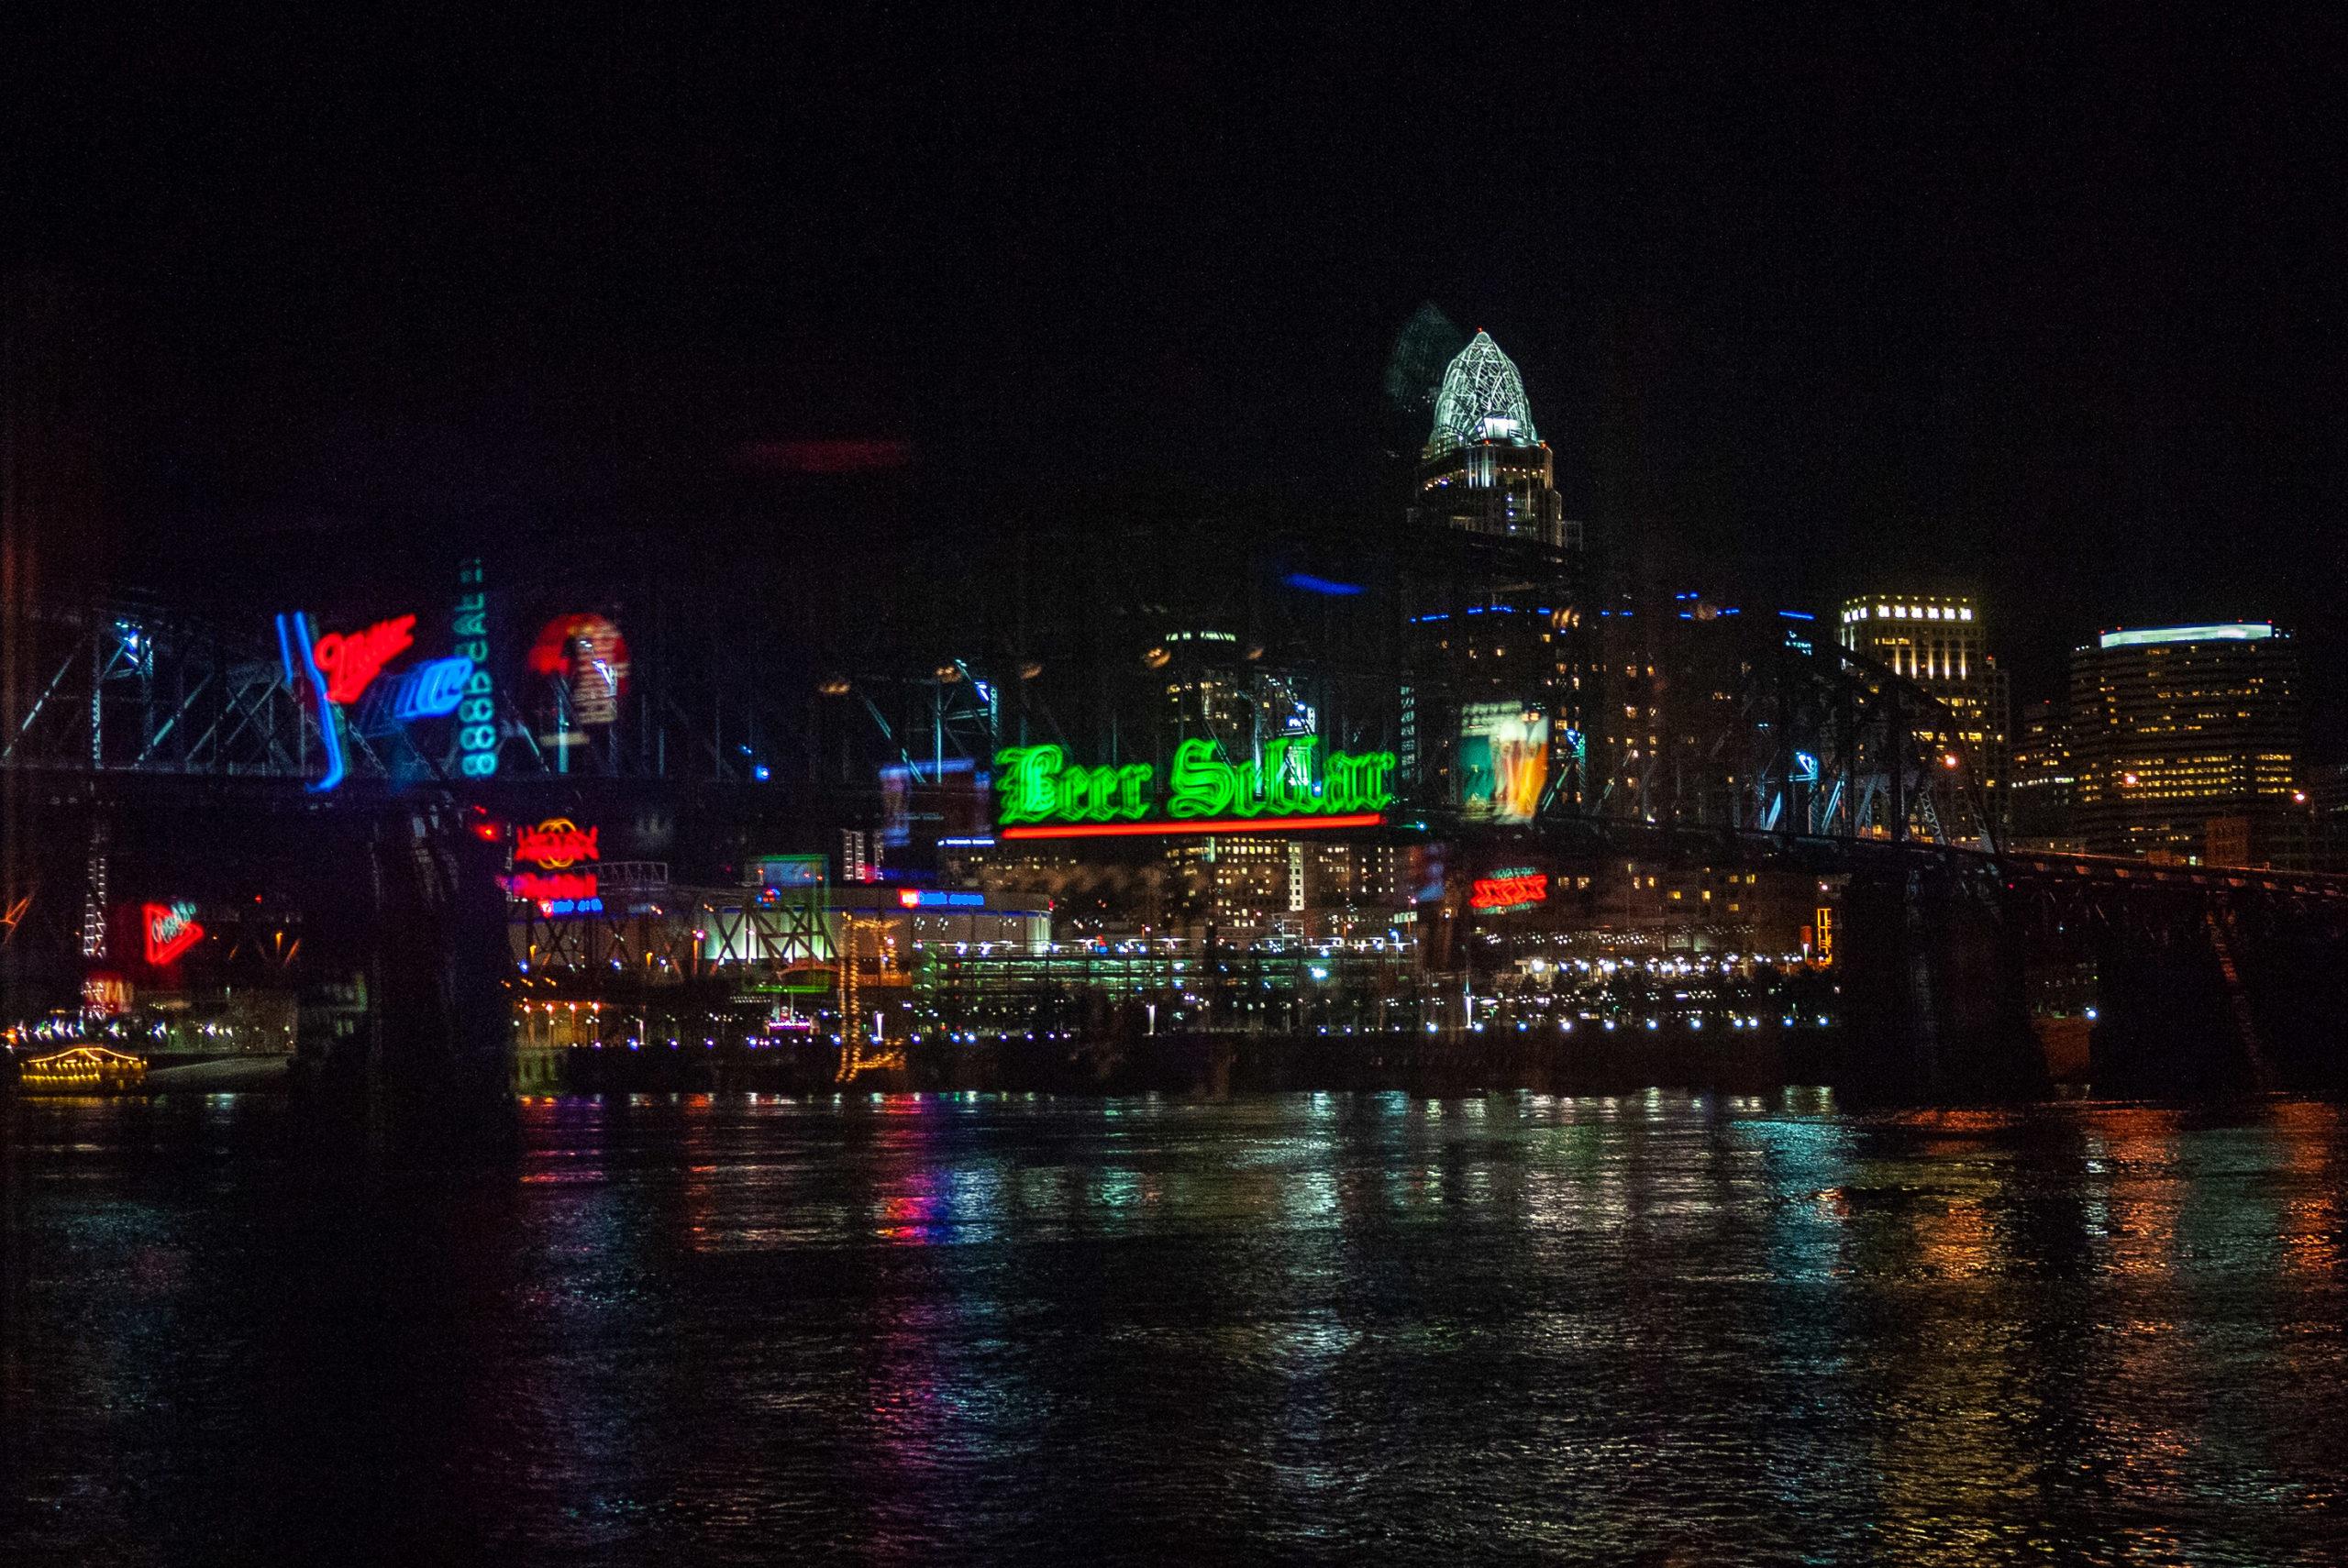 Cincinnati at night as viewed from the Beer Sellar in Newport, Kentucky